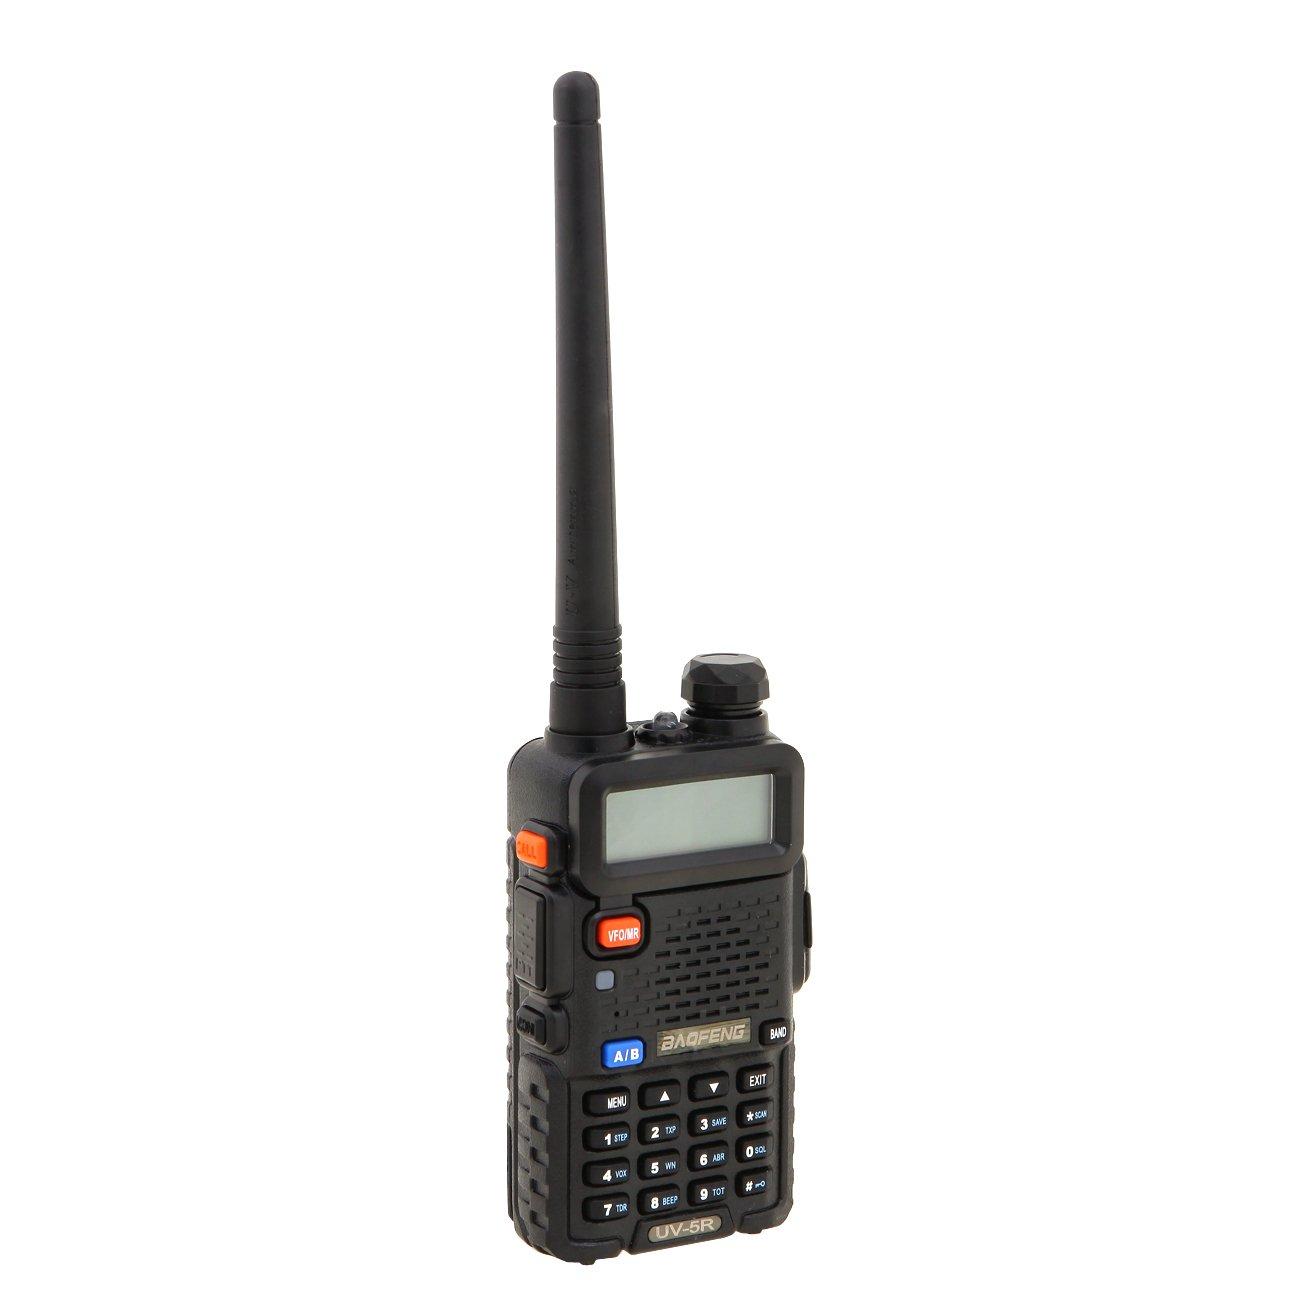 RADIO ou talkie walkie  - Page 2 61OyyzM9zQL._SL1300_